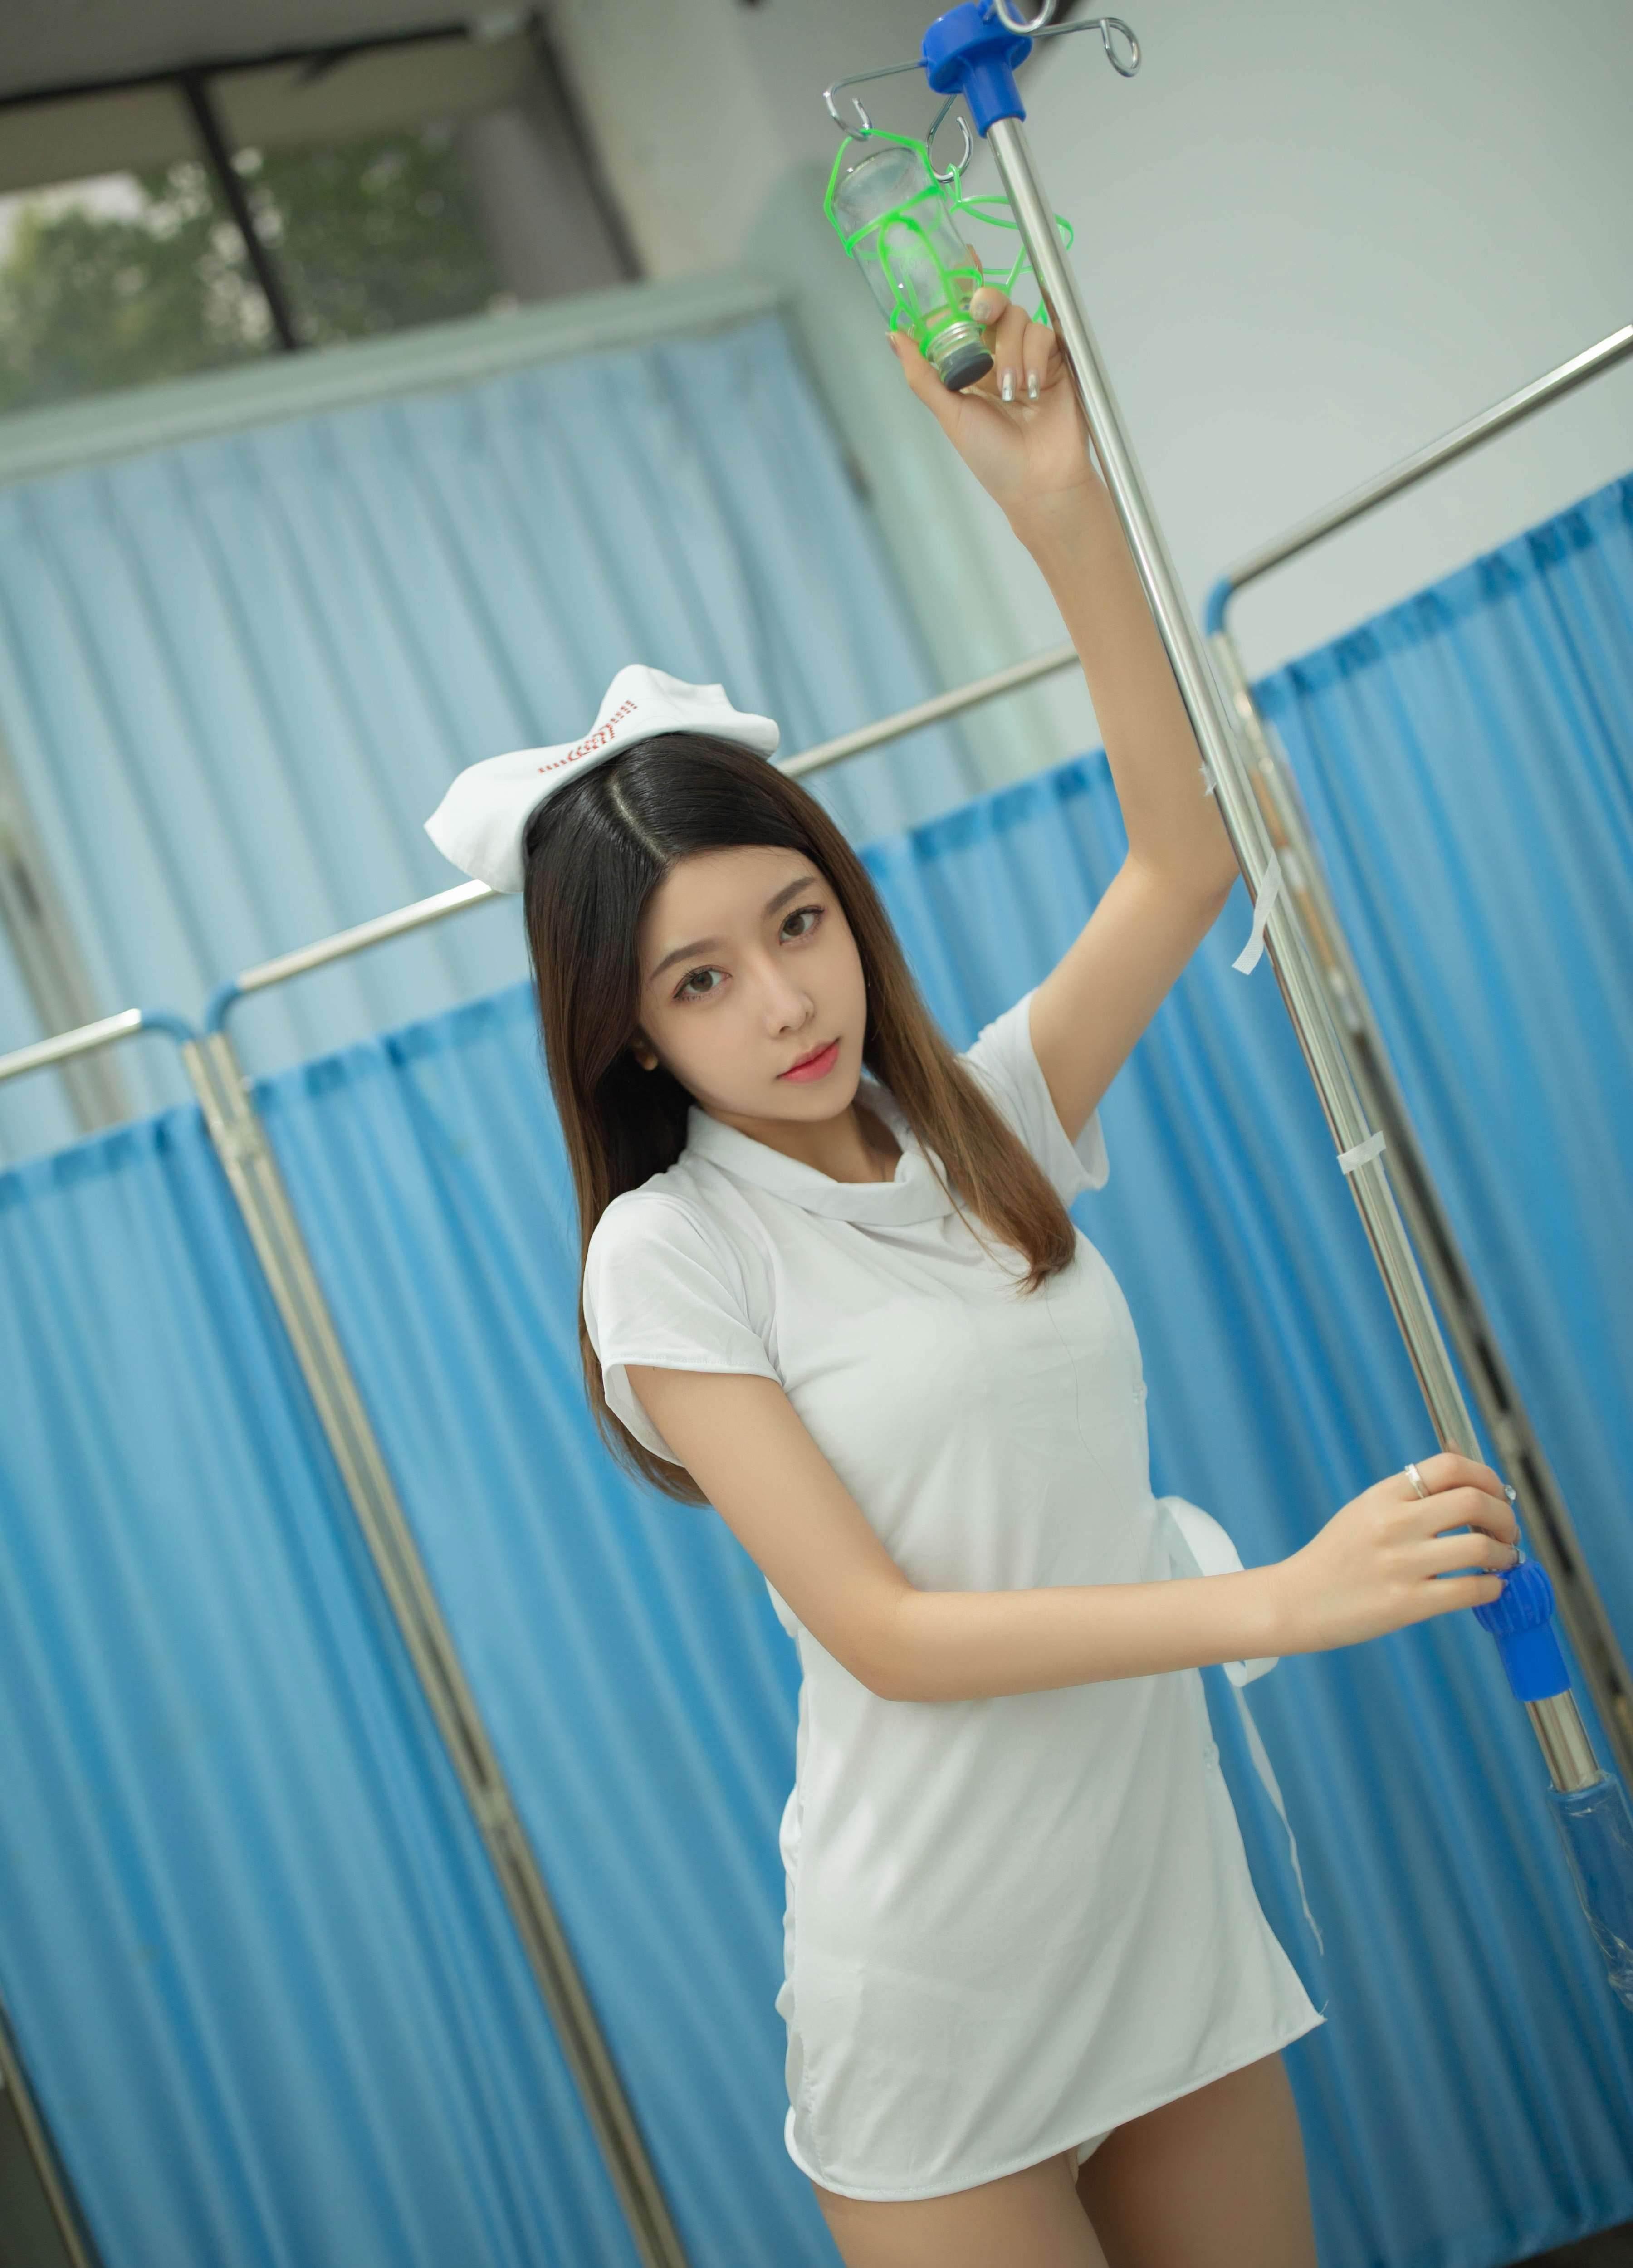 第11期身材多姿的小姐姐夏诗诗_图片5